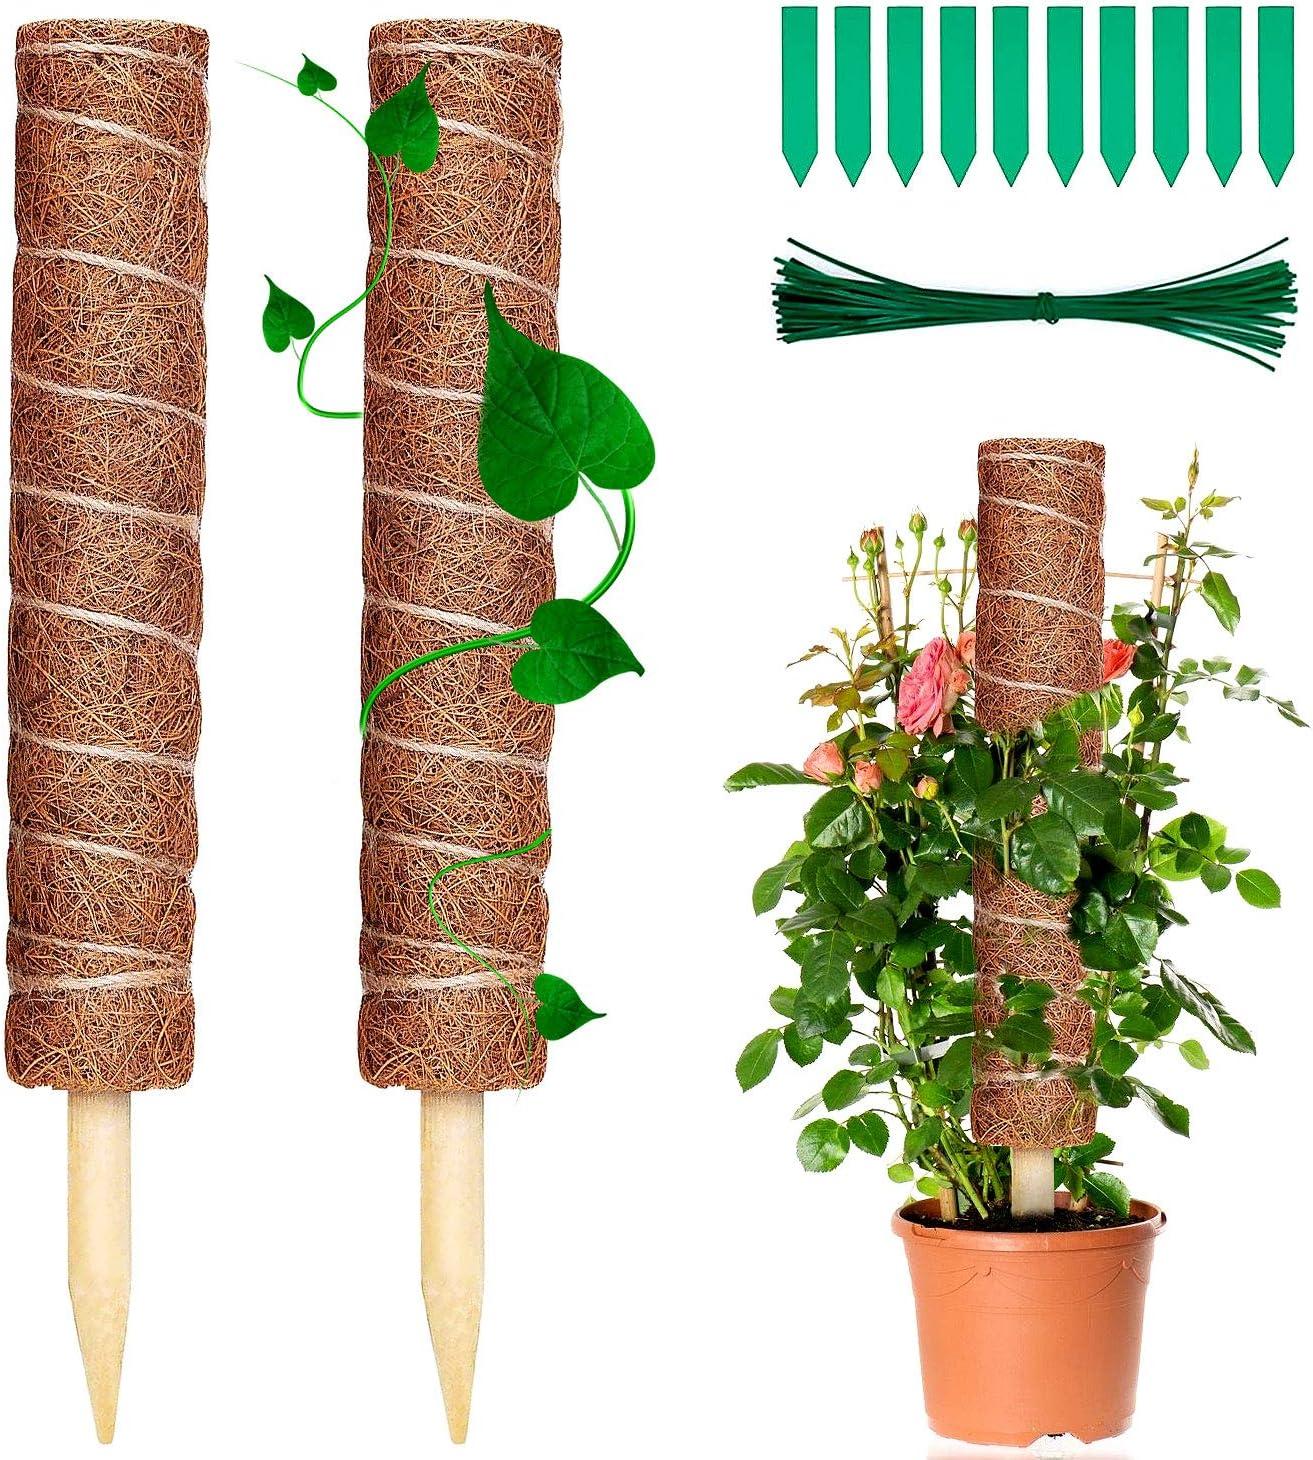 Soporte para Plantas t/ótem para Extensi/ón de Soporte para Plantas 12 Etiquetas de Plantas 2 Piezas Palo de Fibra de Coco 40 cm WELLXUNK/® Palo de Musgo T/ótem De Fibra De Coco